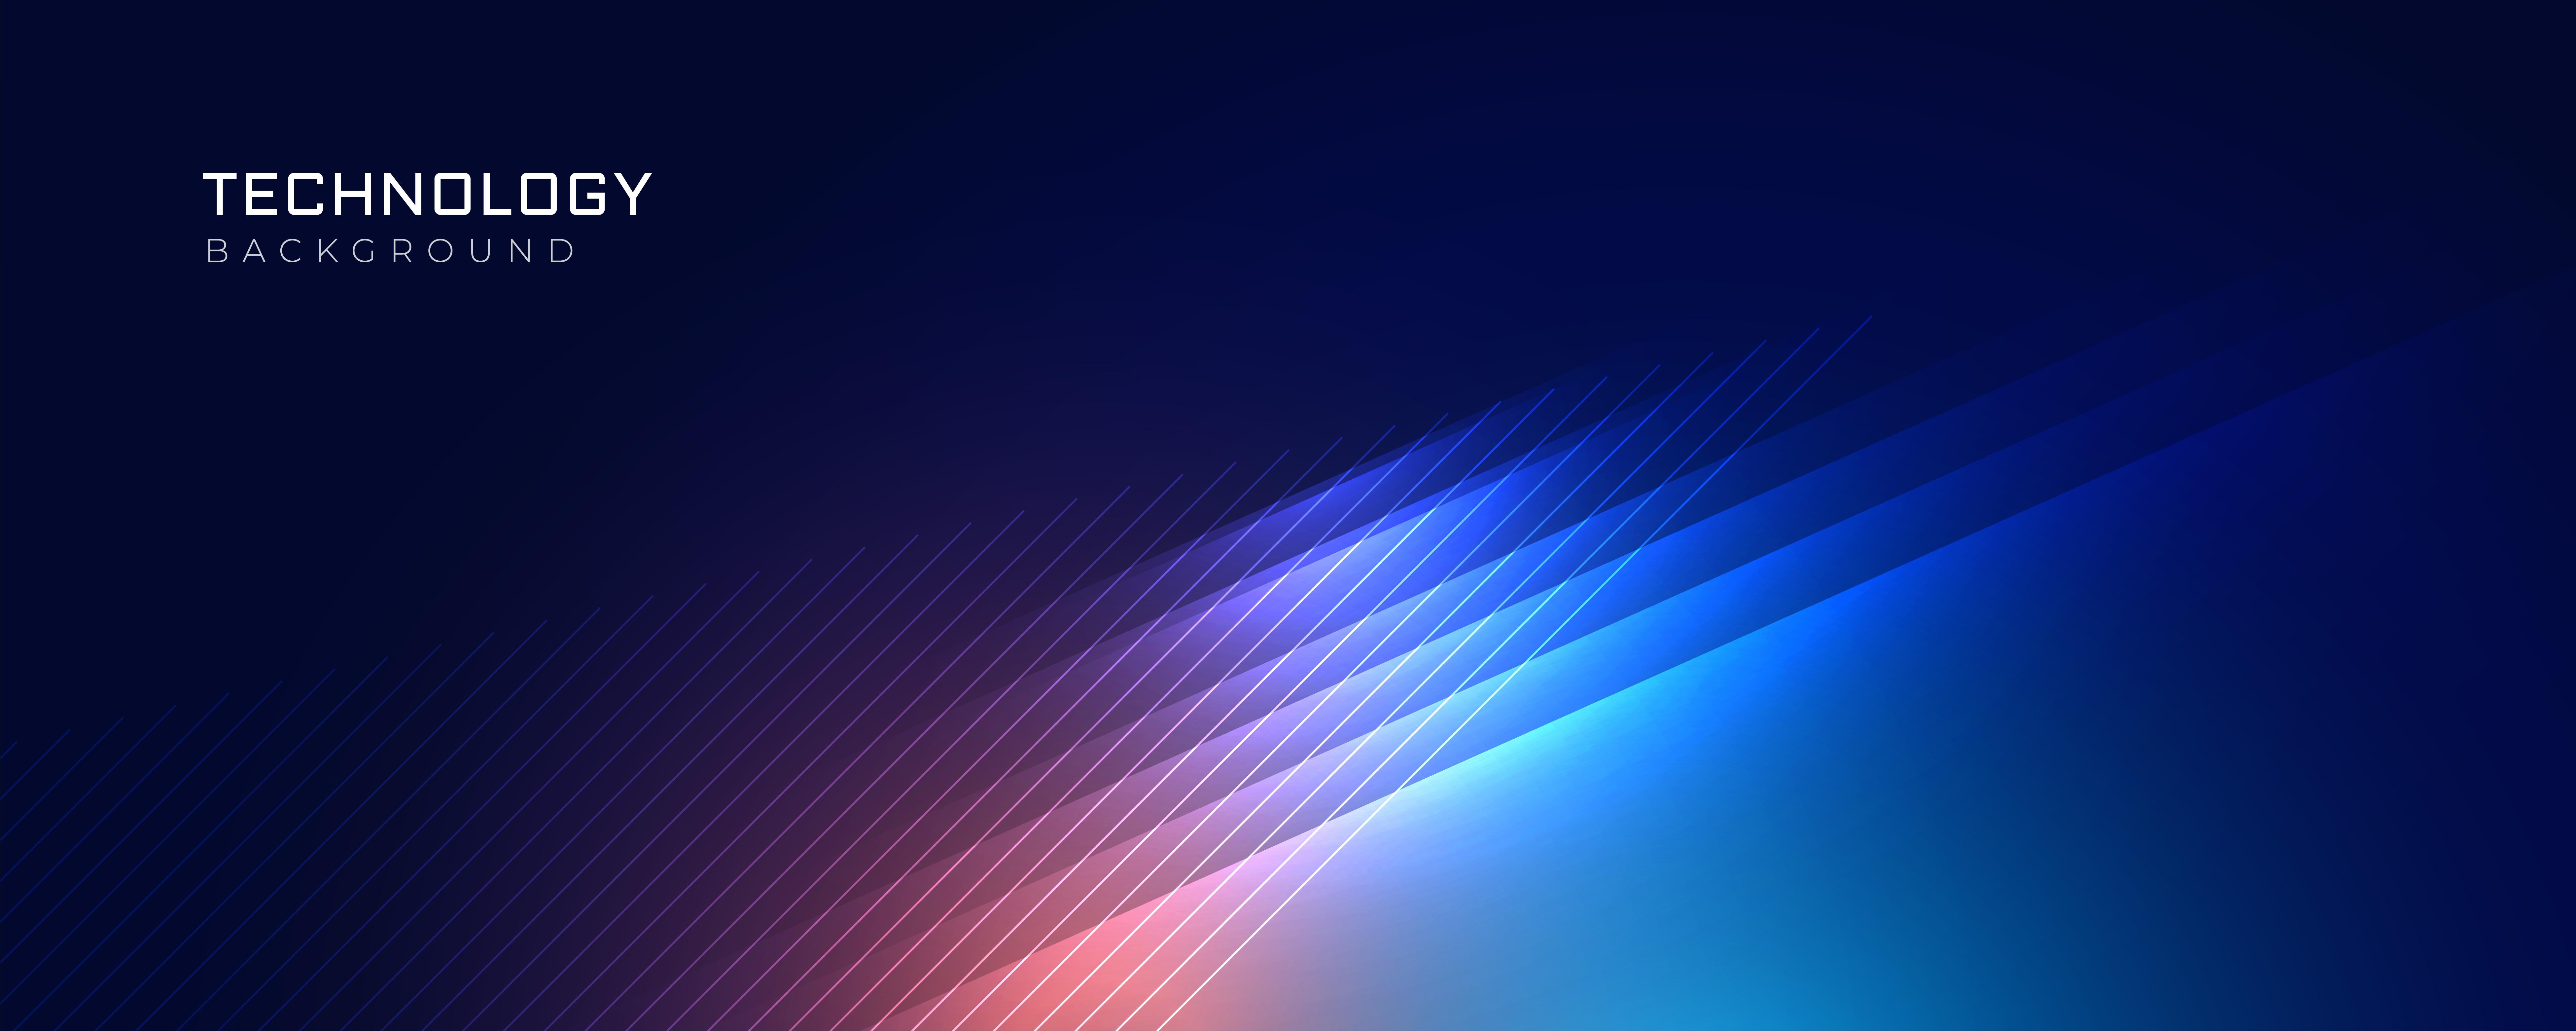 Blue Technology: Stylish Blue Technology Lights Background